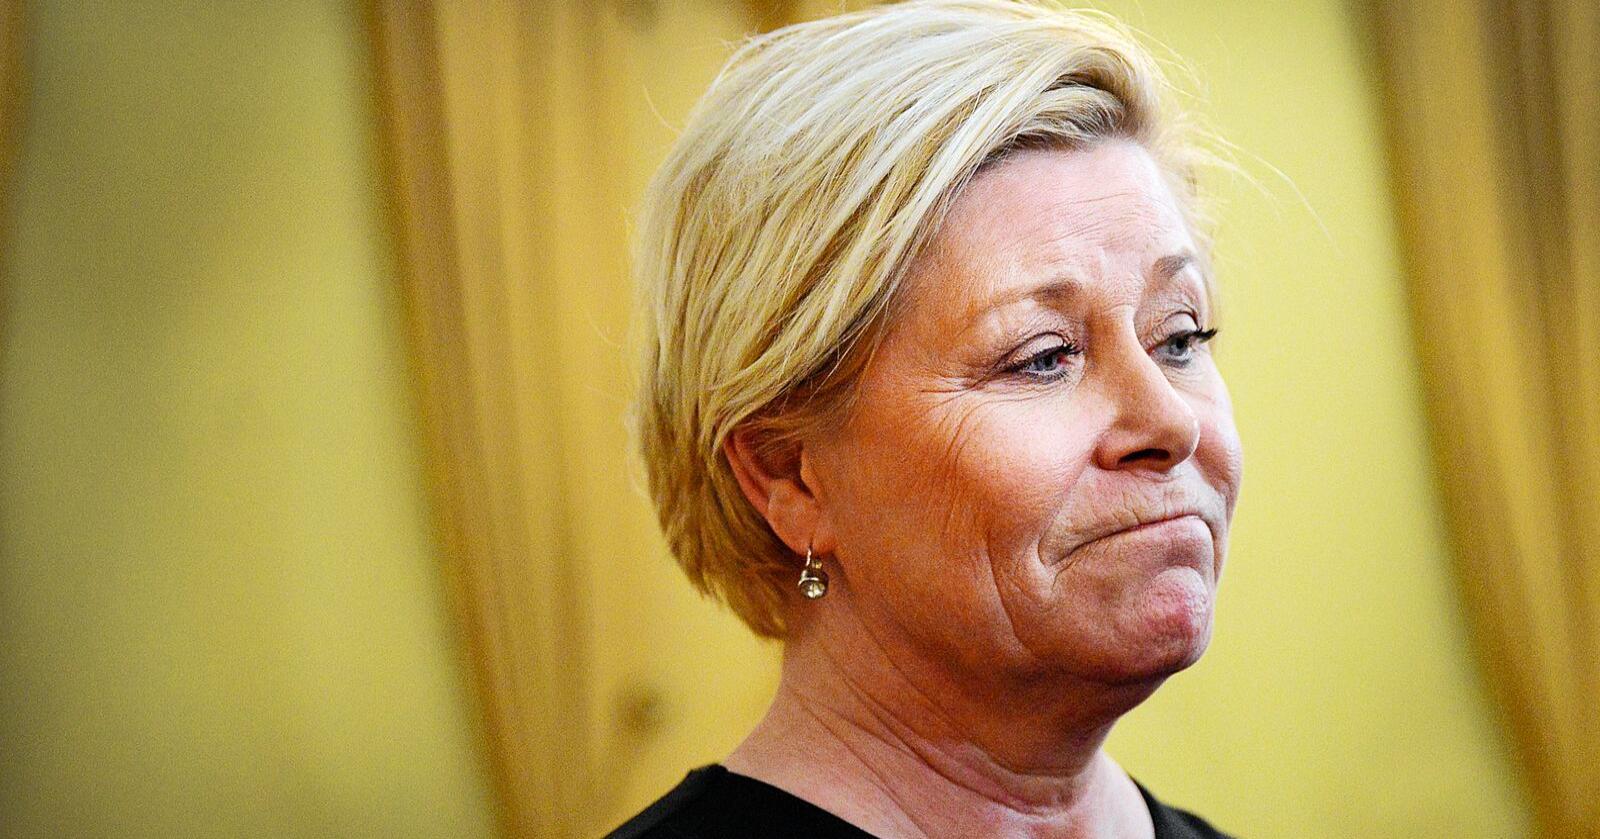 Finansminister Siv Jensen mener skatteoppkrevingen hører mer naturlig til staten. Det er ikke ordførerne enig i. Foto: Siri Juell Rasmussen